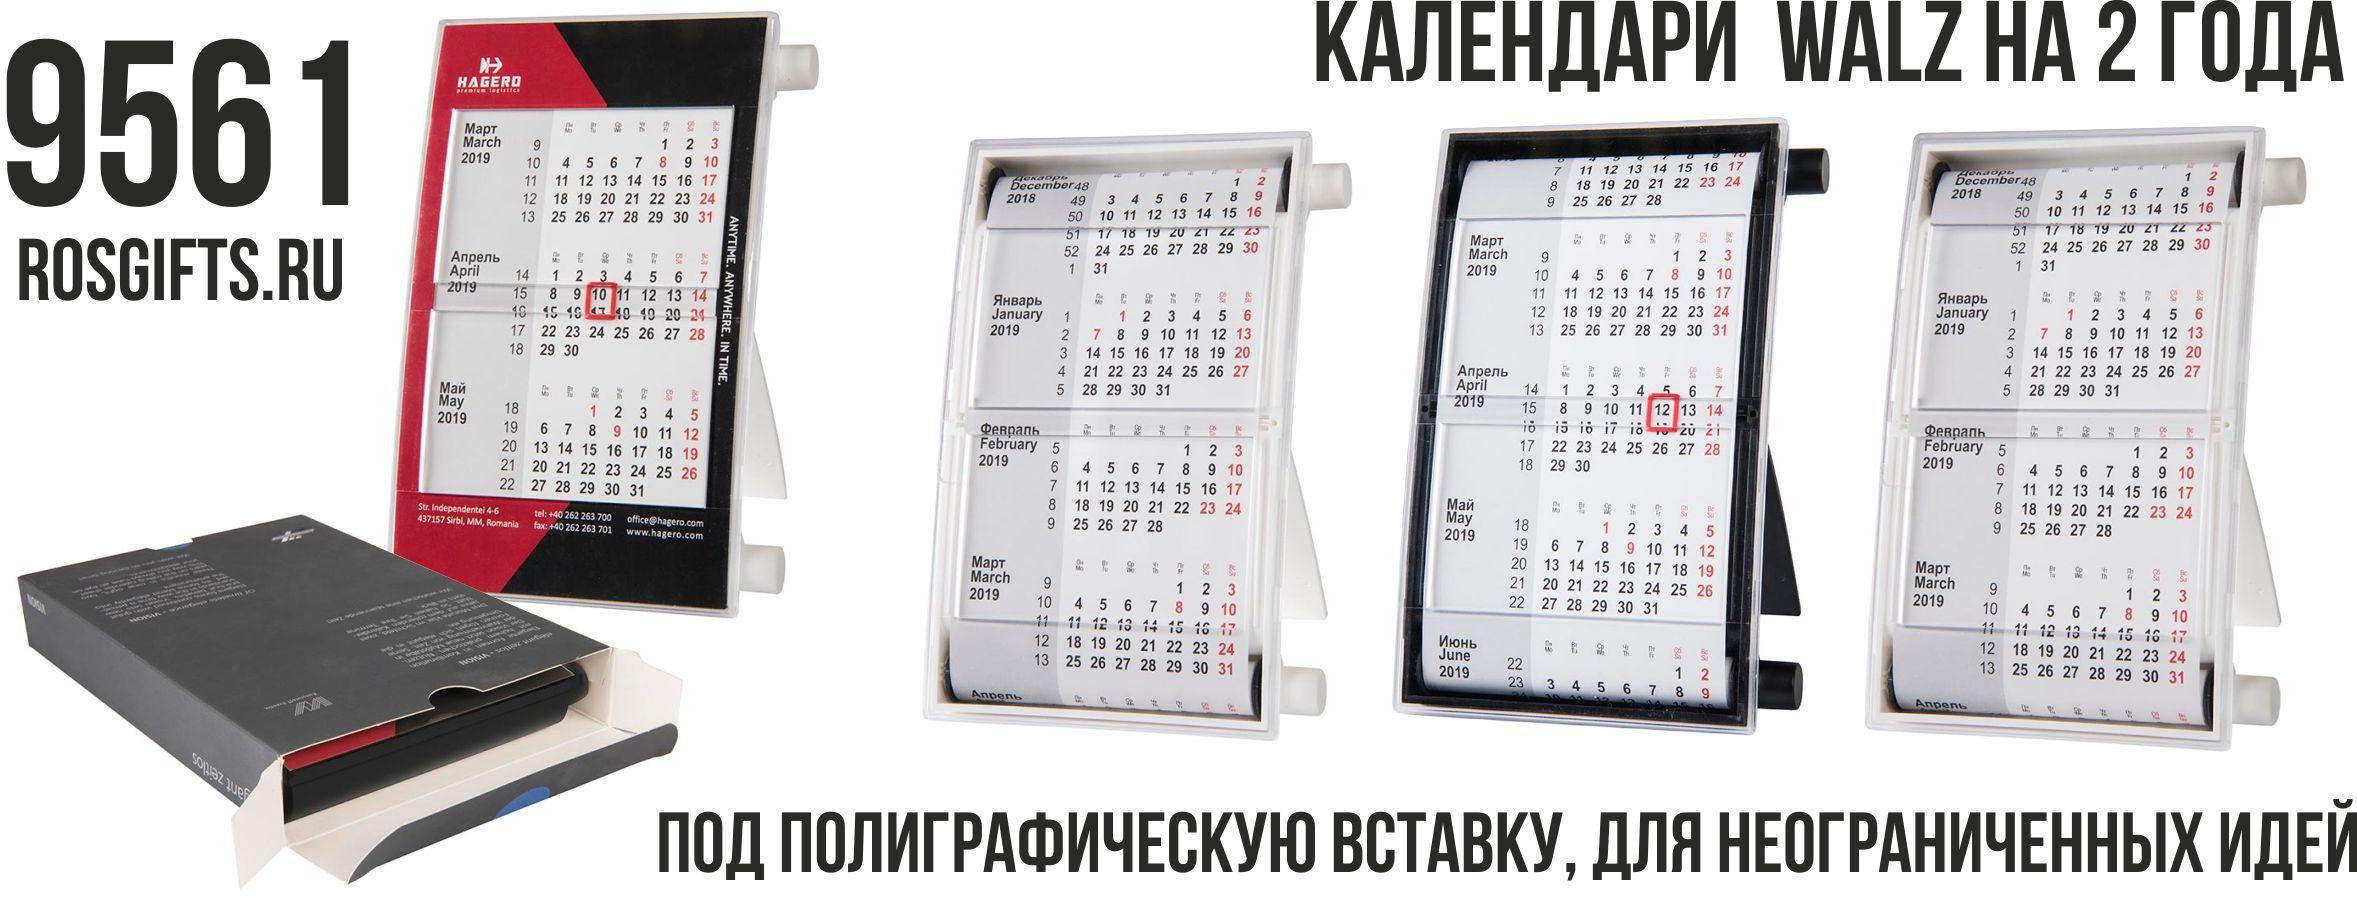 календари Walz под полиграфическую выставку